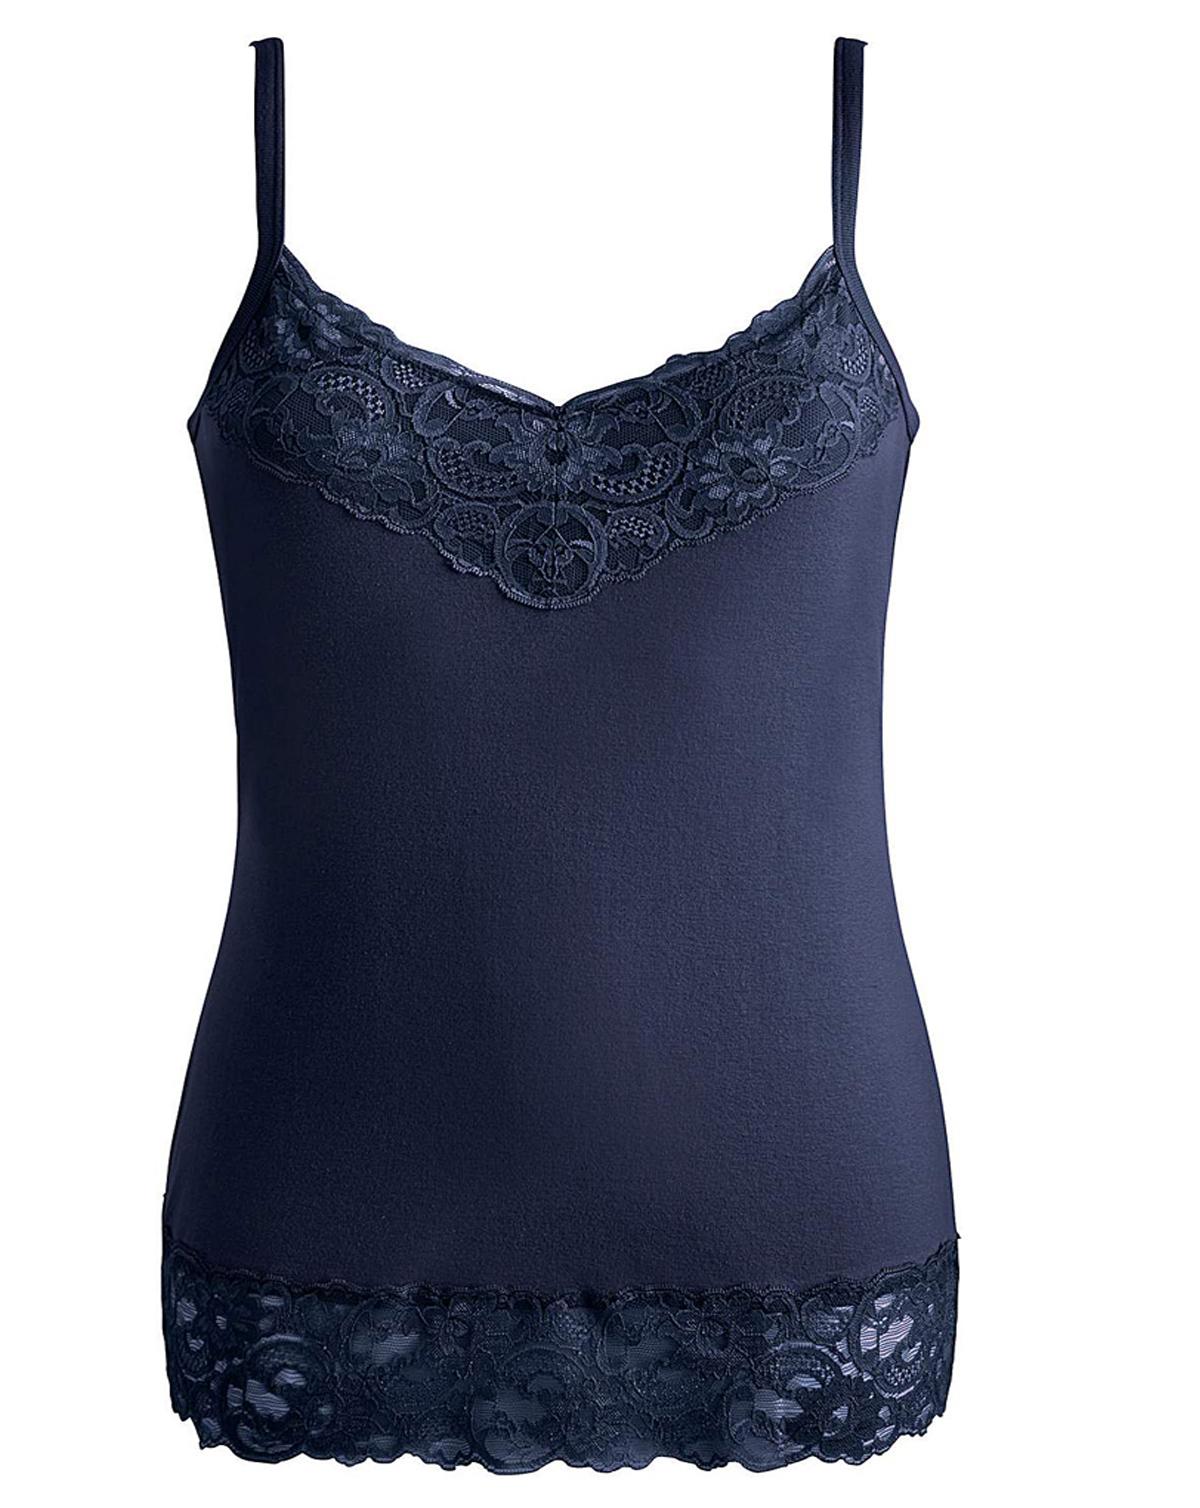 Joanna Hope NAVY Lace Trim Jersey Vest - Size 10 to 32